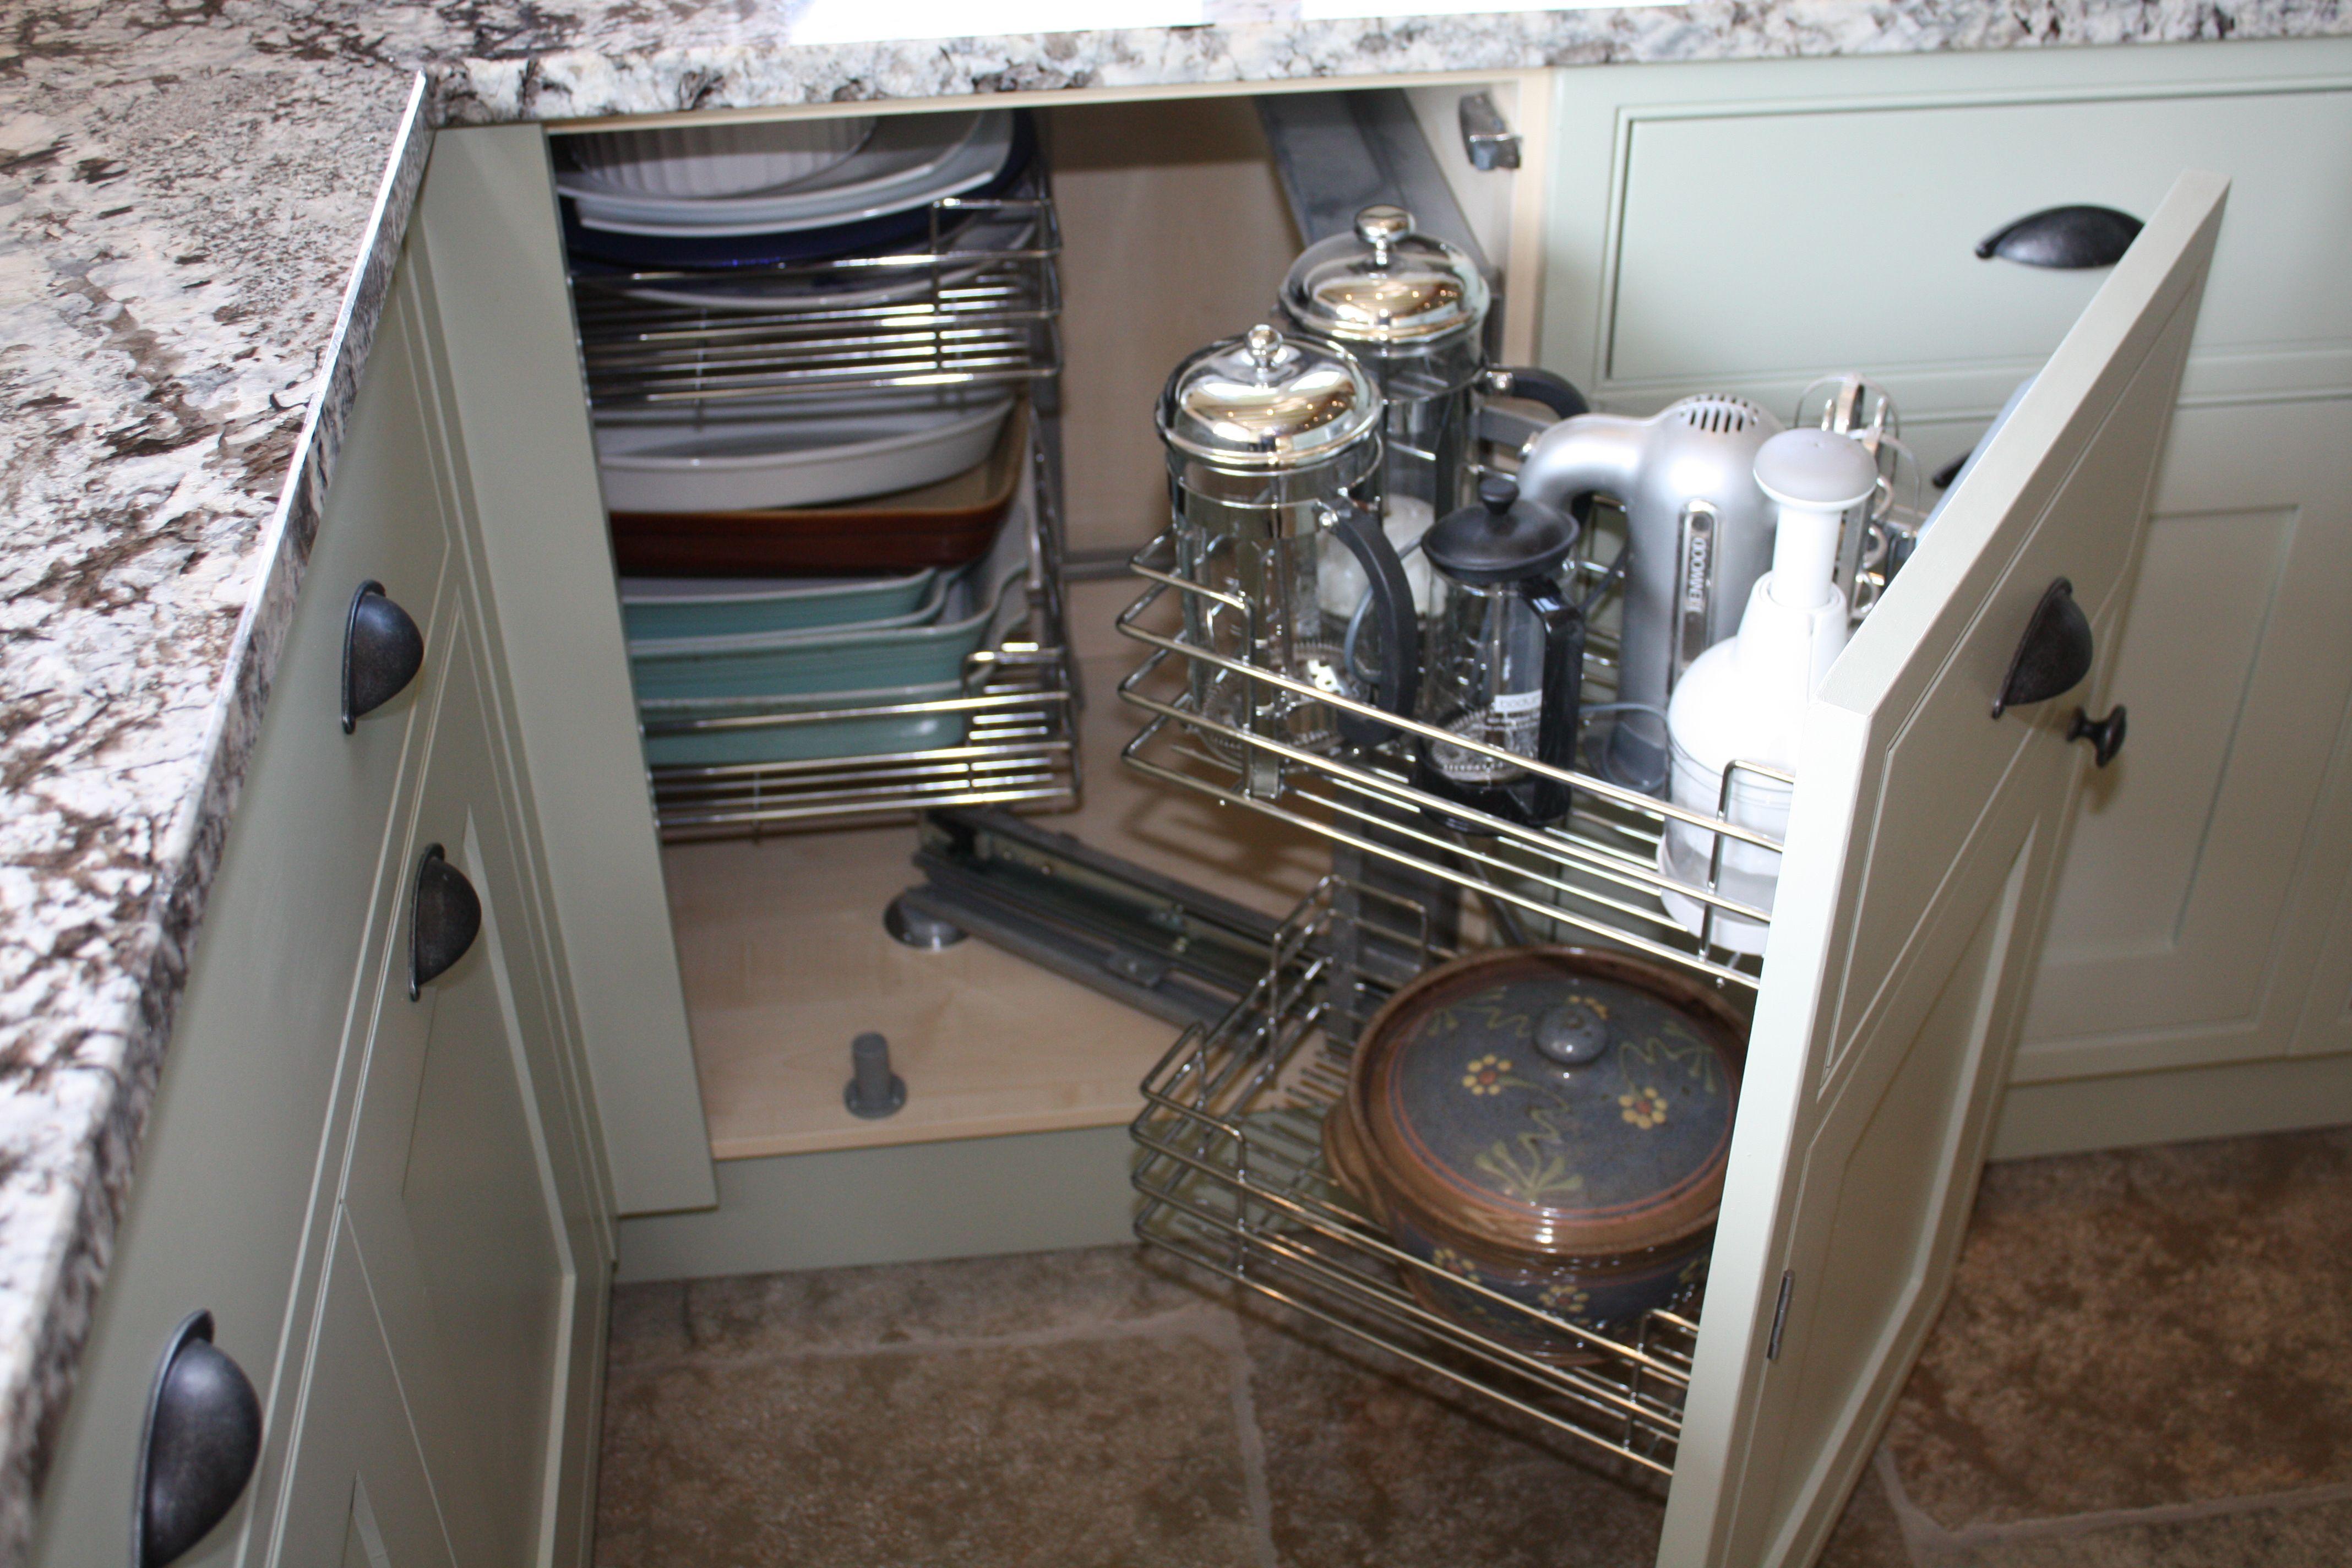 corner kitchen cabinet storage ideas - Google Search | Remodel ...